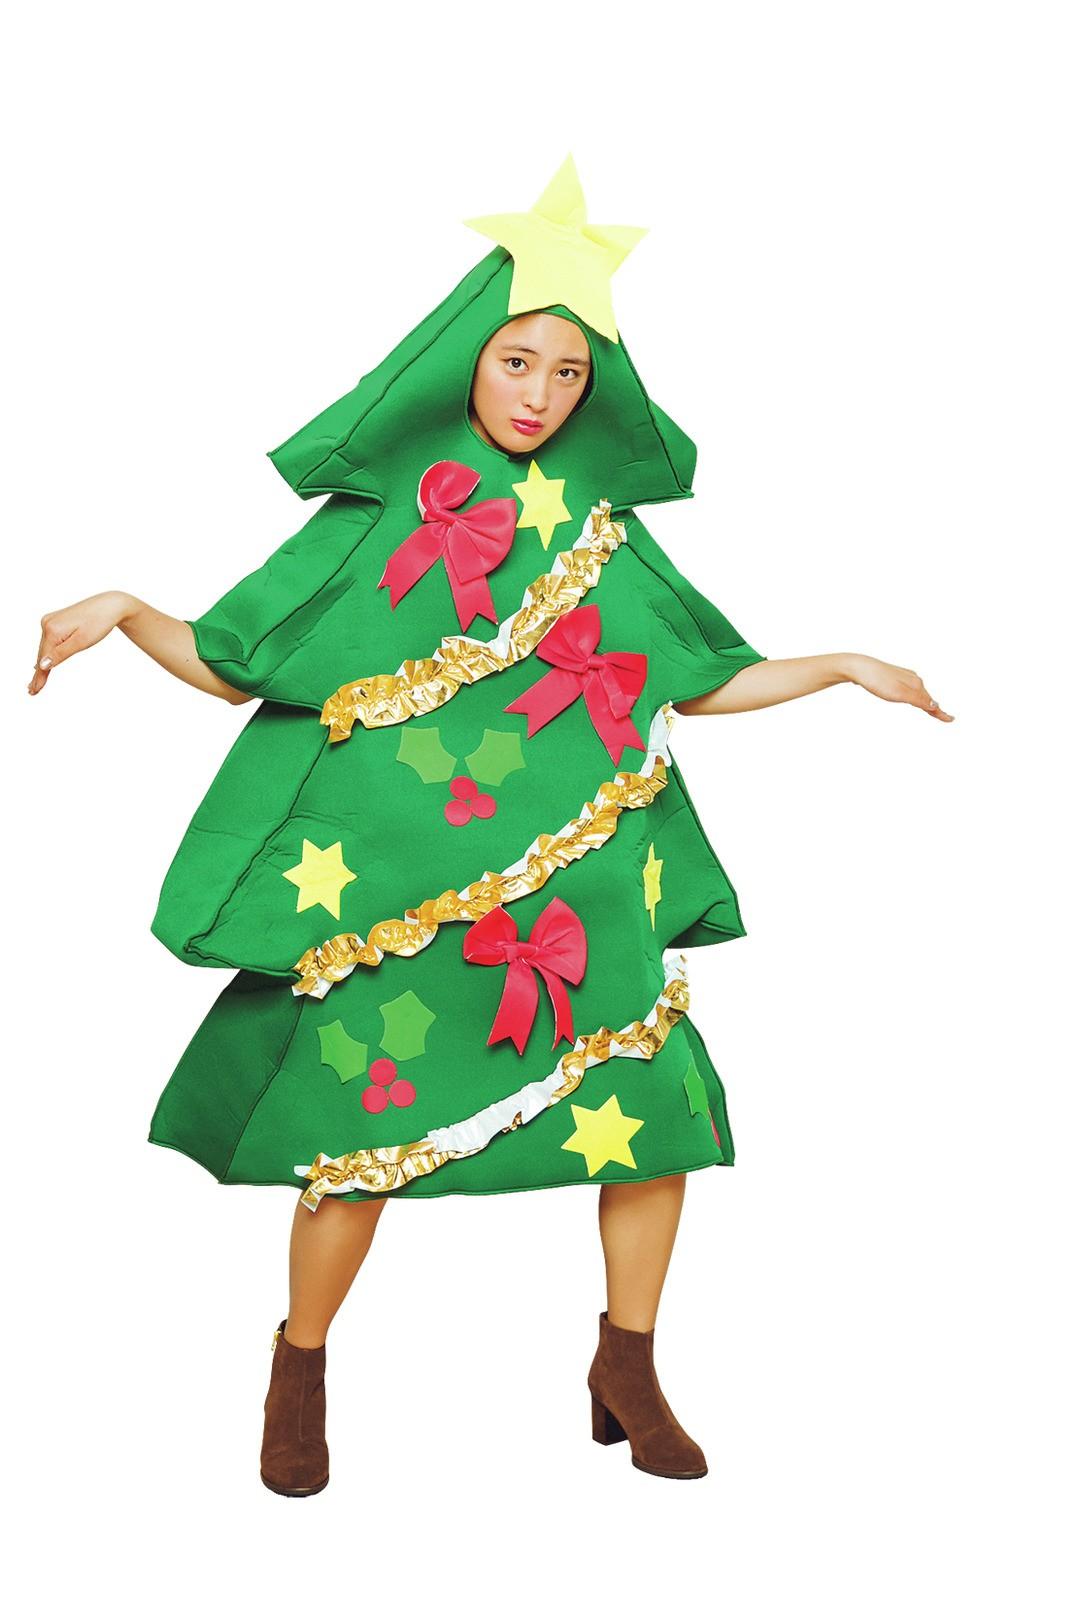 大友花恋はクリスマスツリー